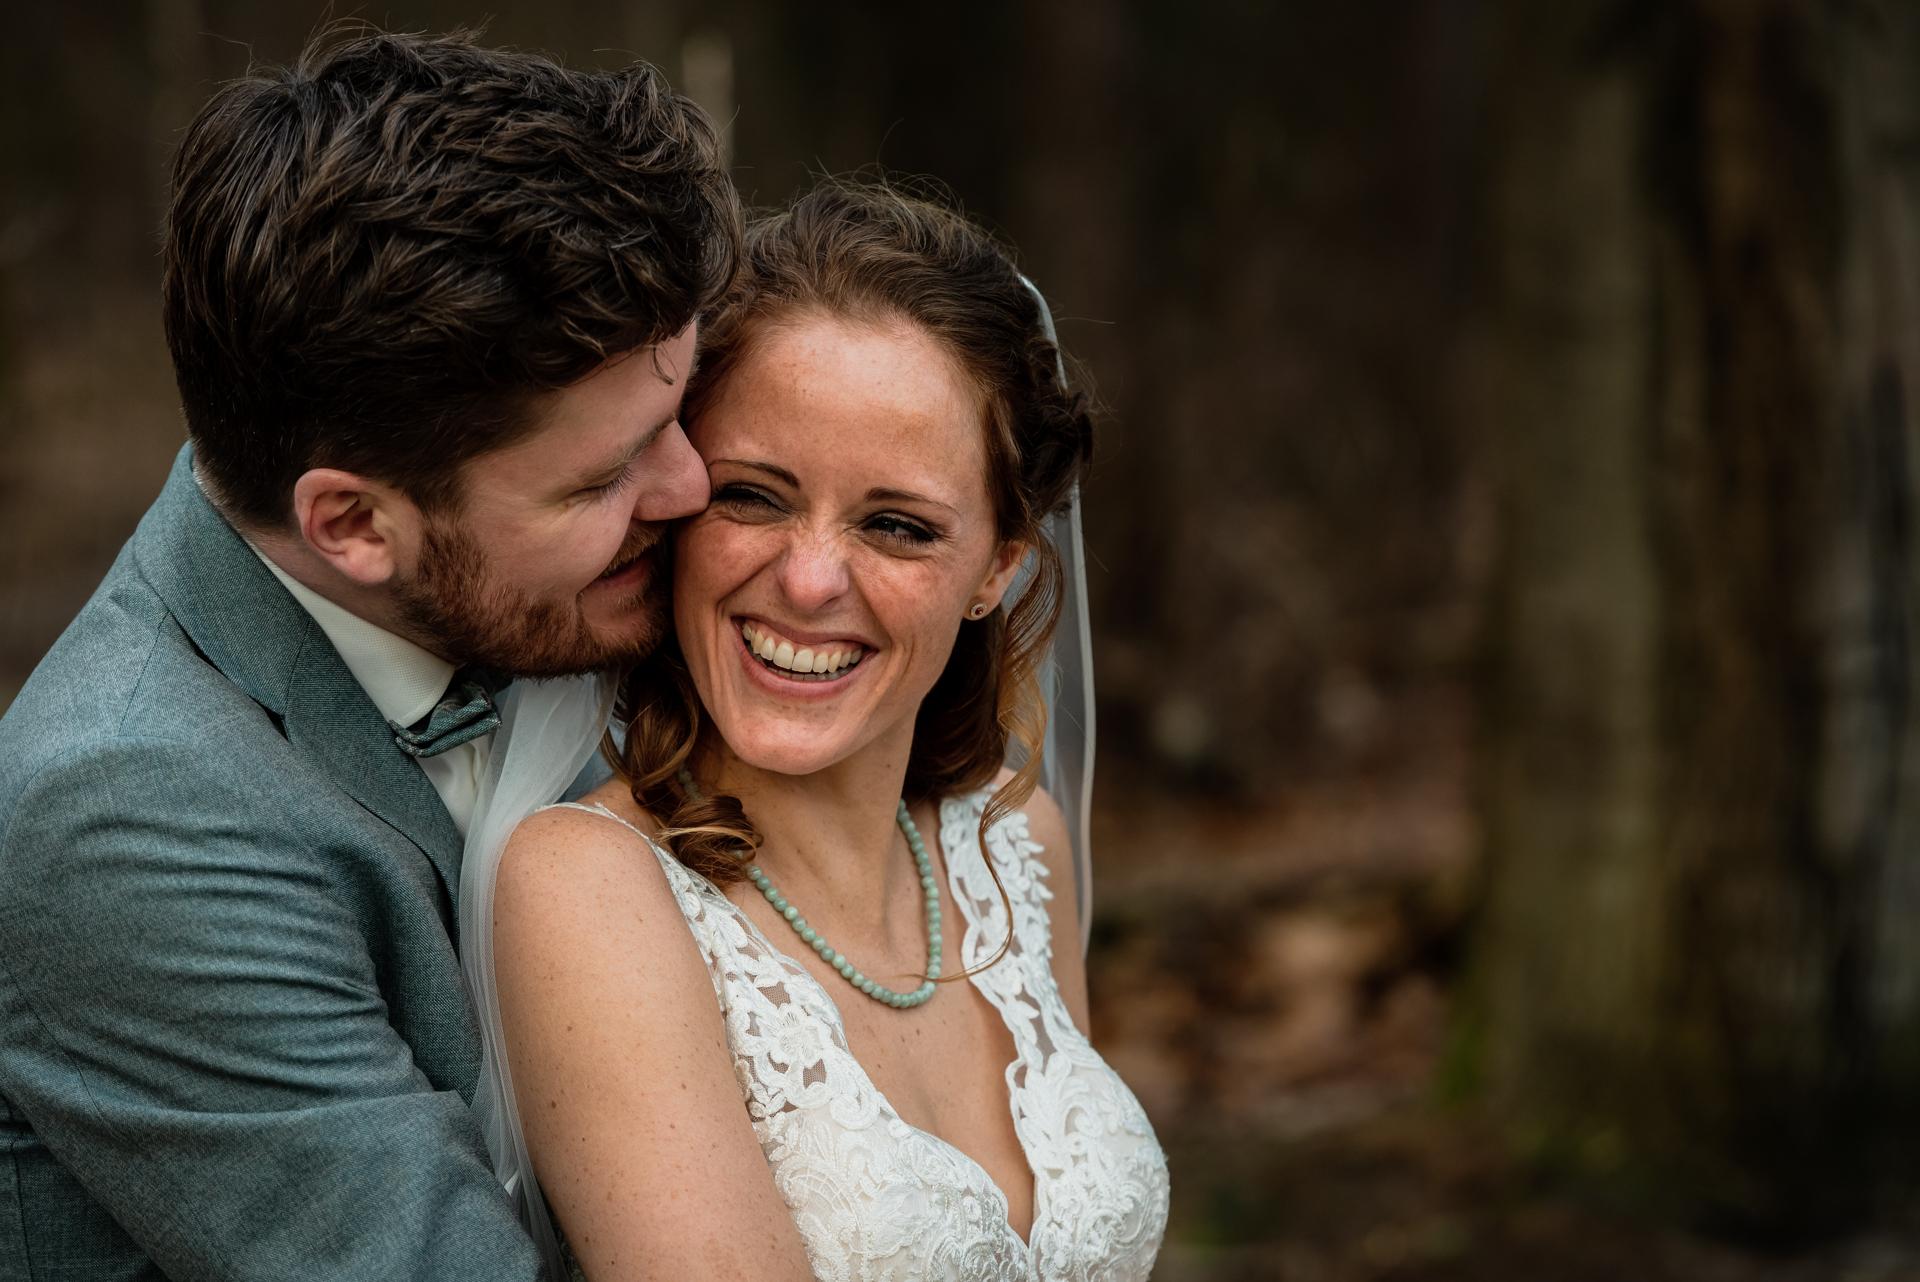 Harderwijk NL Wedding Couple Image | Le couple profite de ce moment intime ensemble au milieu de la forêt pittoresque